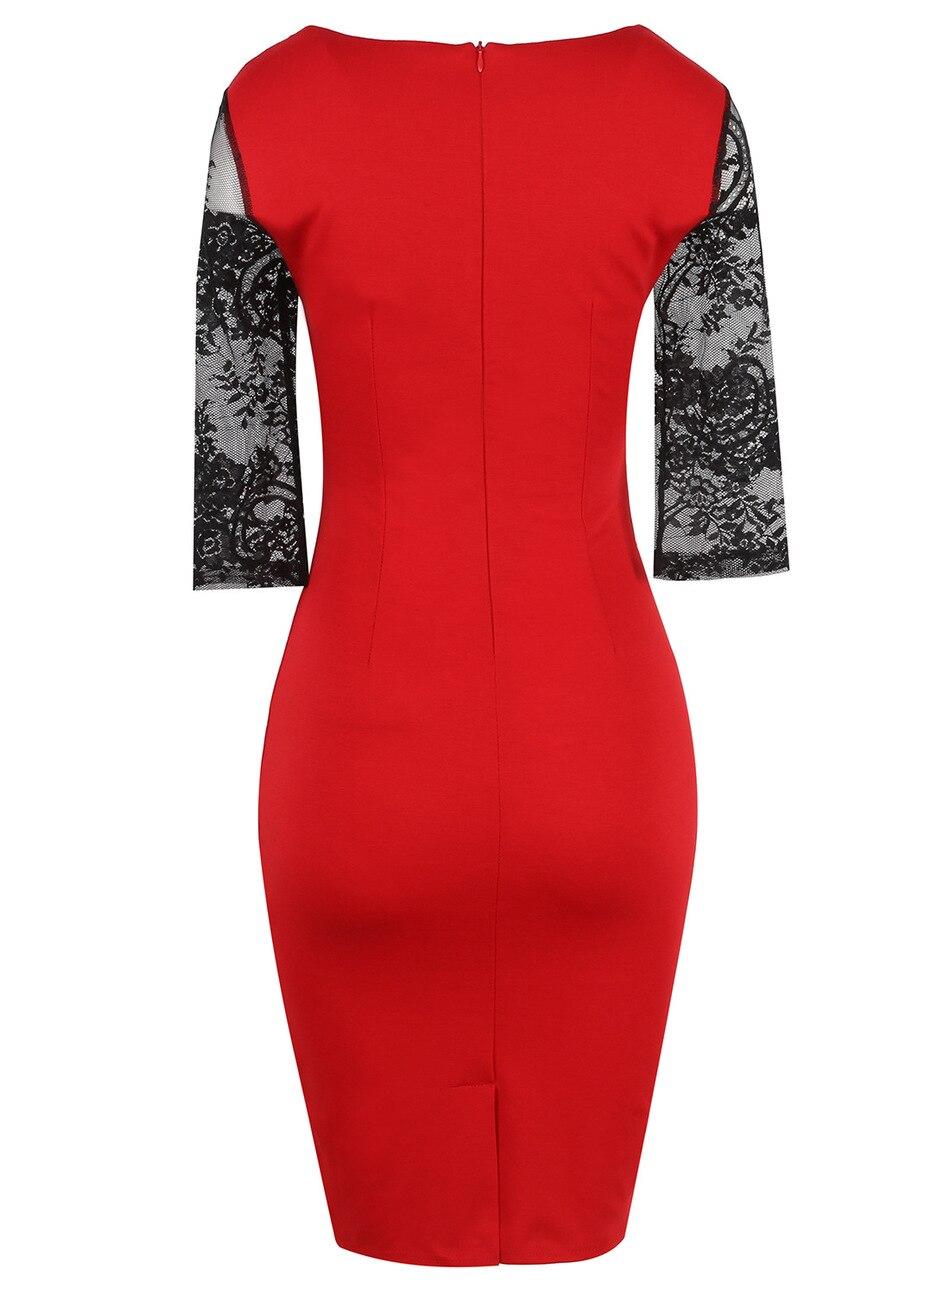 vitiana 2017 для женщин винтаж цветочный красный кружево вечернее платье элегантные старинные bodycon тонкий три четверти лоскутное костюмы